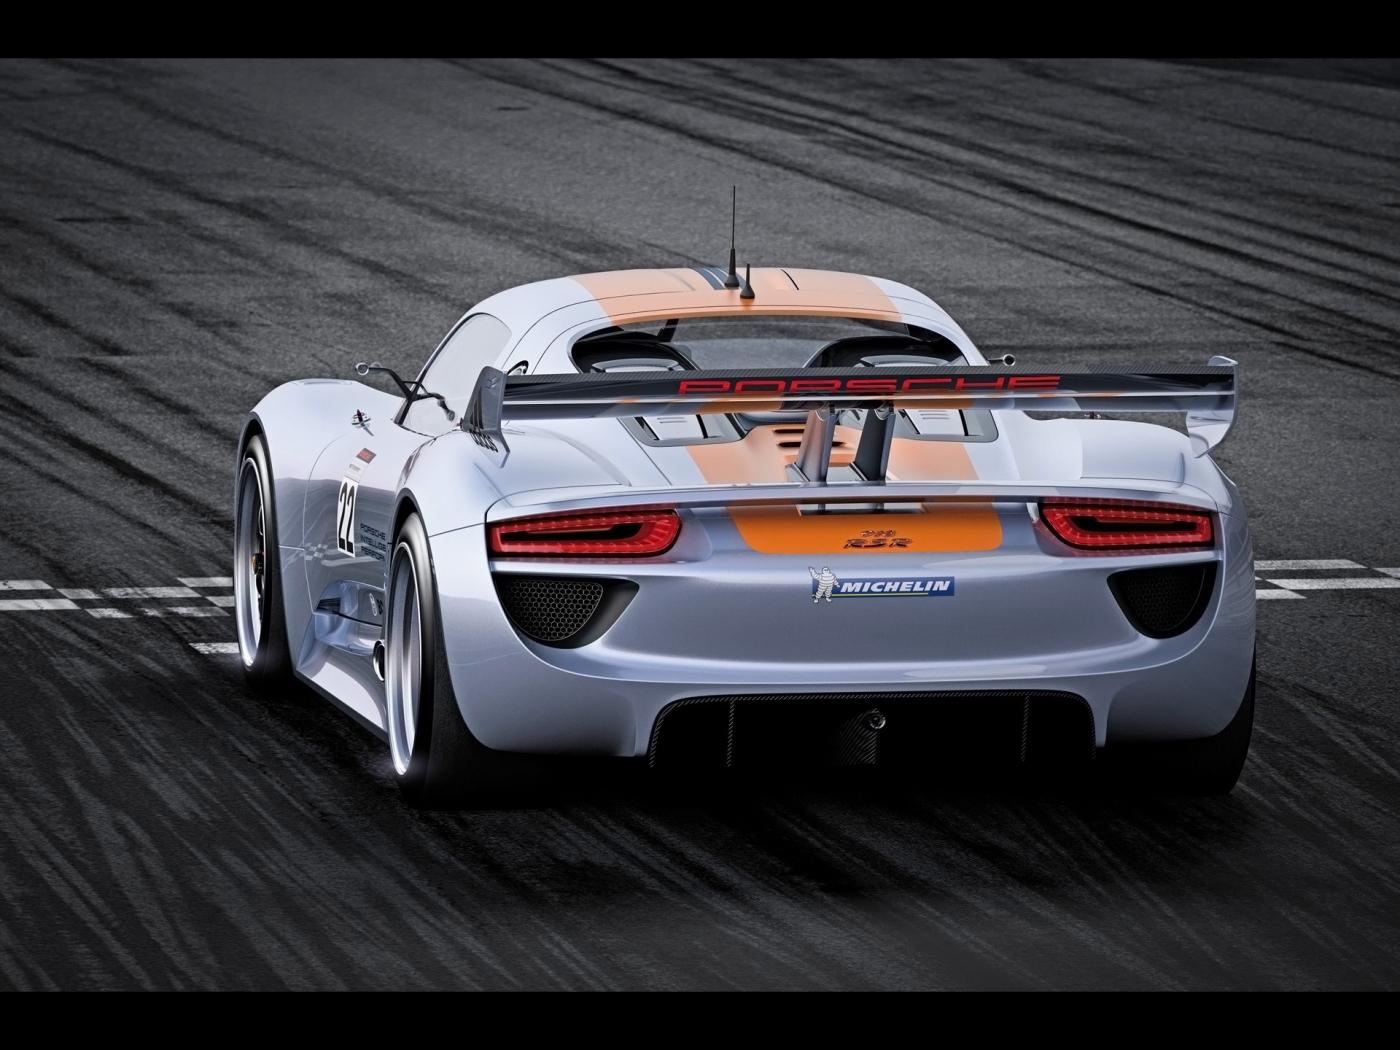 44087 скачать обои Транспорт, Машины, Порш (Porsche) - заставки и картинки бесплатно